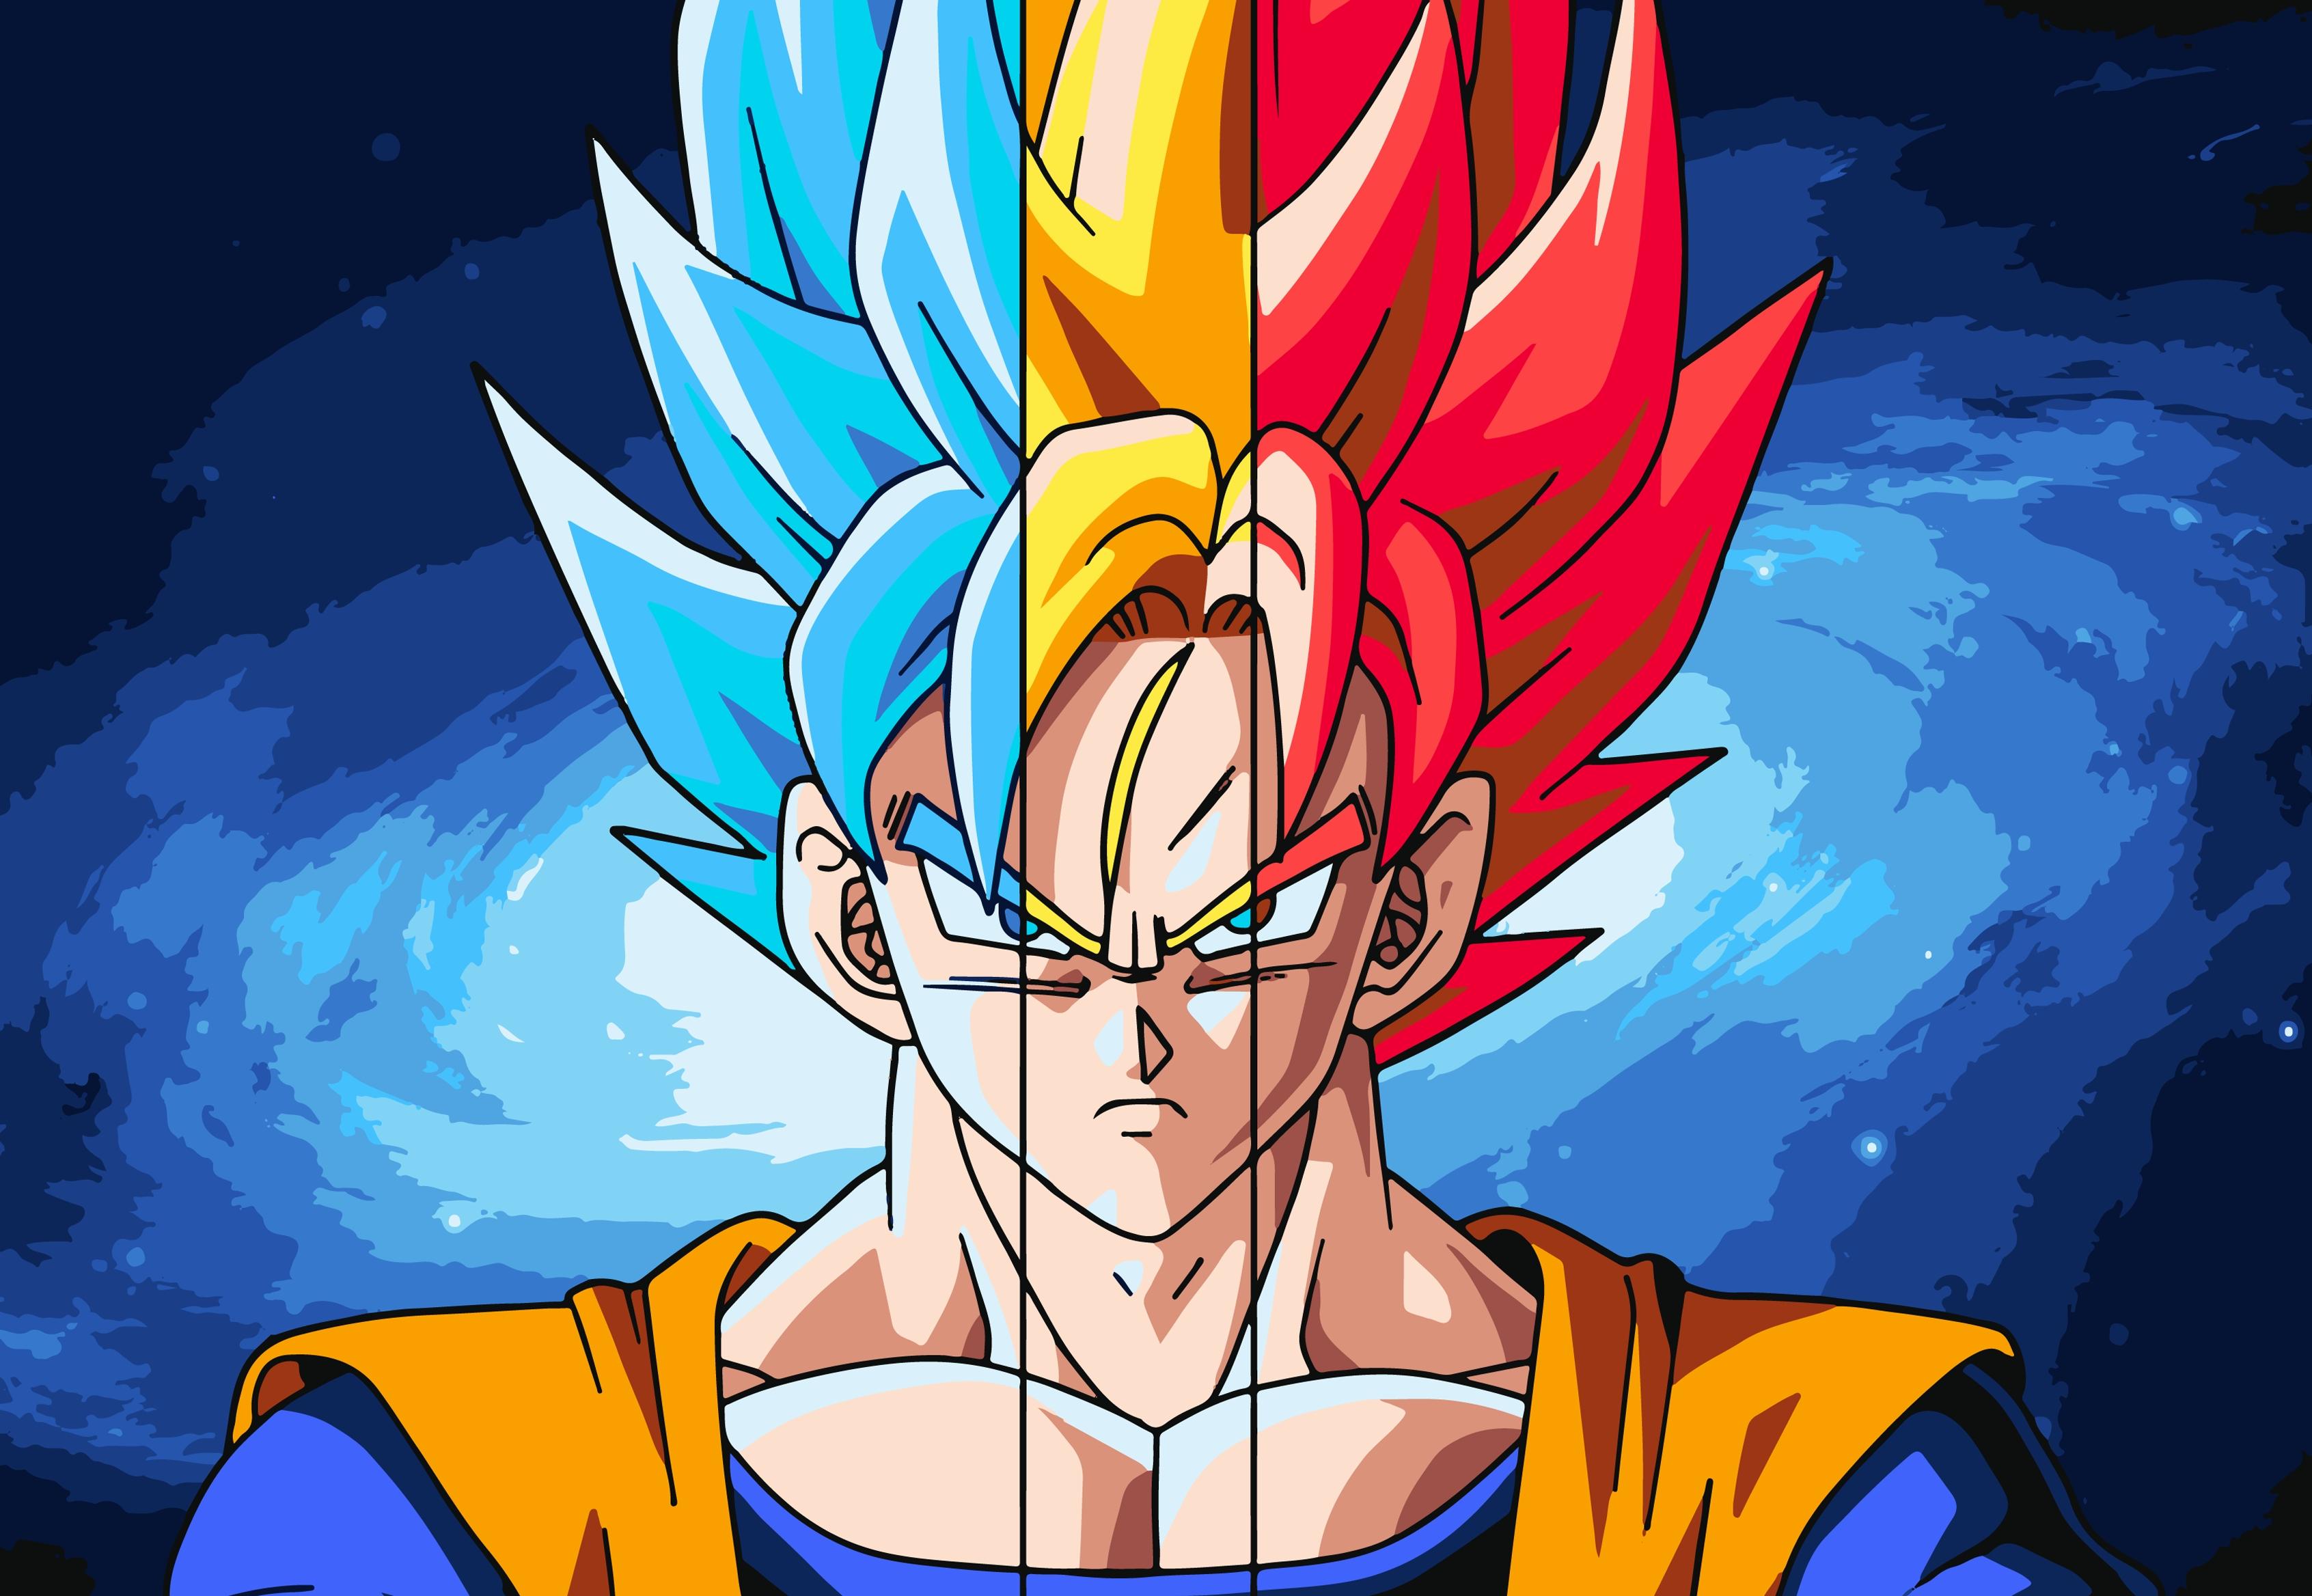 goku the super saiyan full hd fond d'écran and arrière-plan